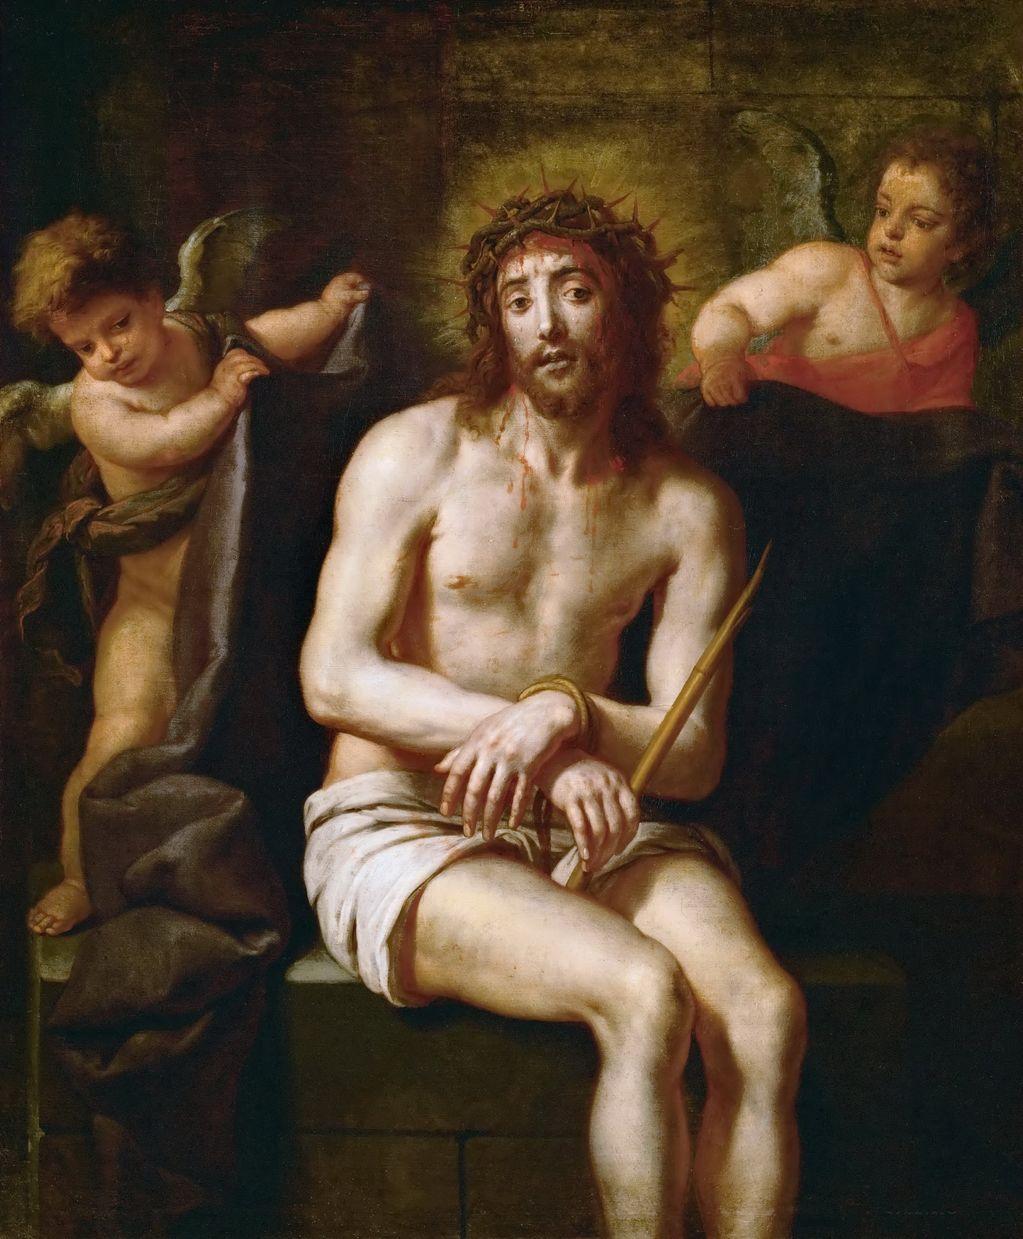 Гаспар де Крайер (1584 - 1669) Се Человек